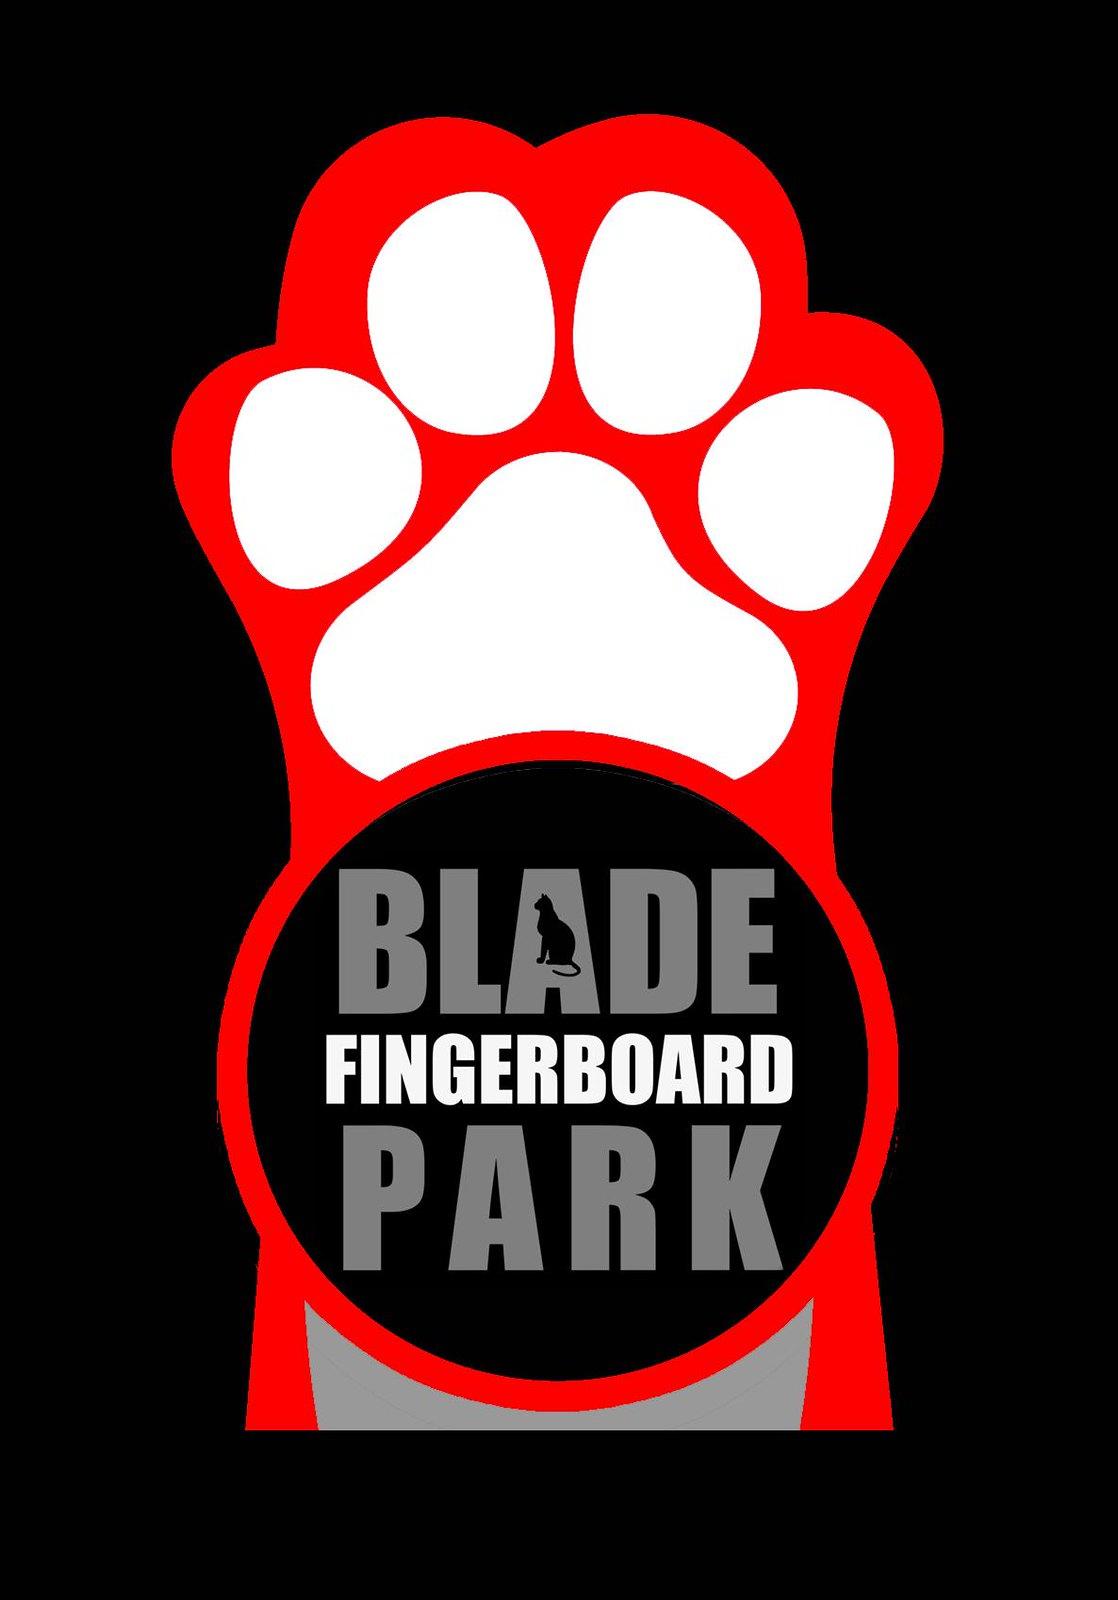 blade fingerboard park red